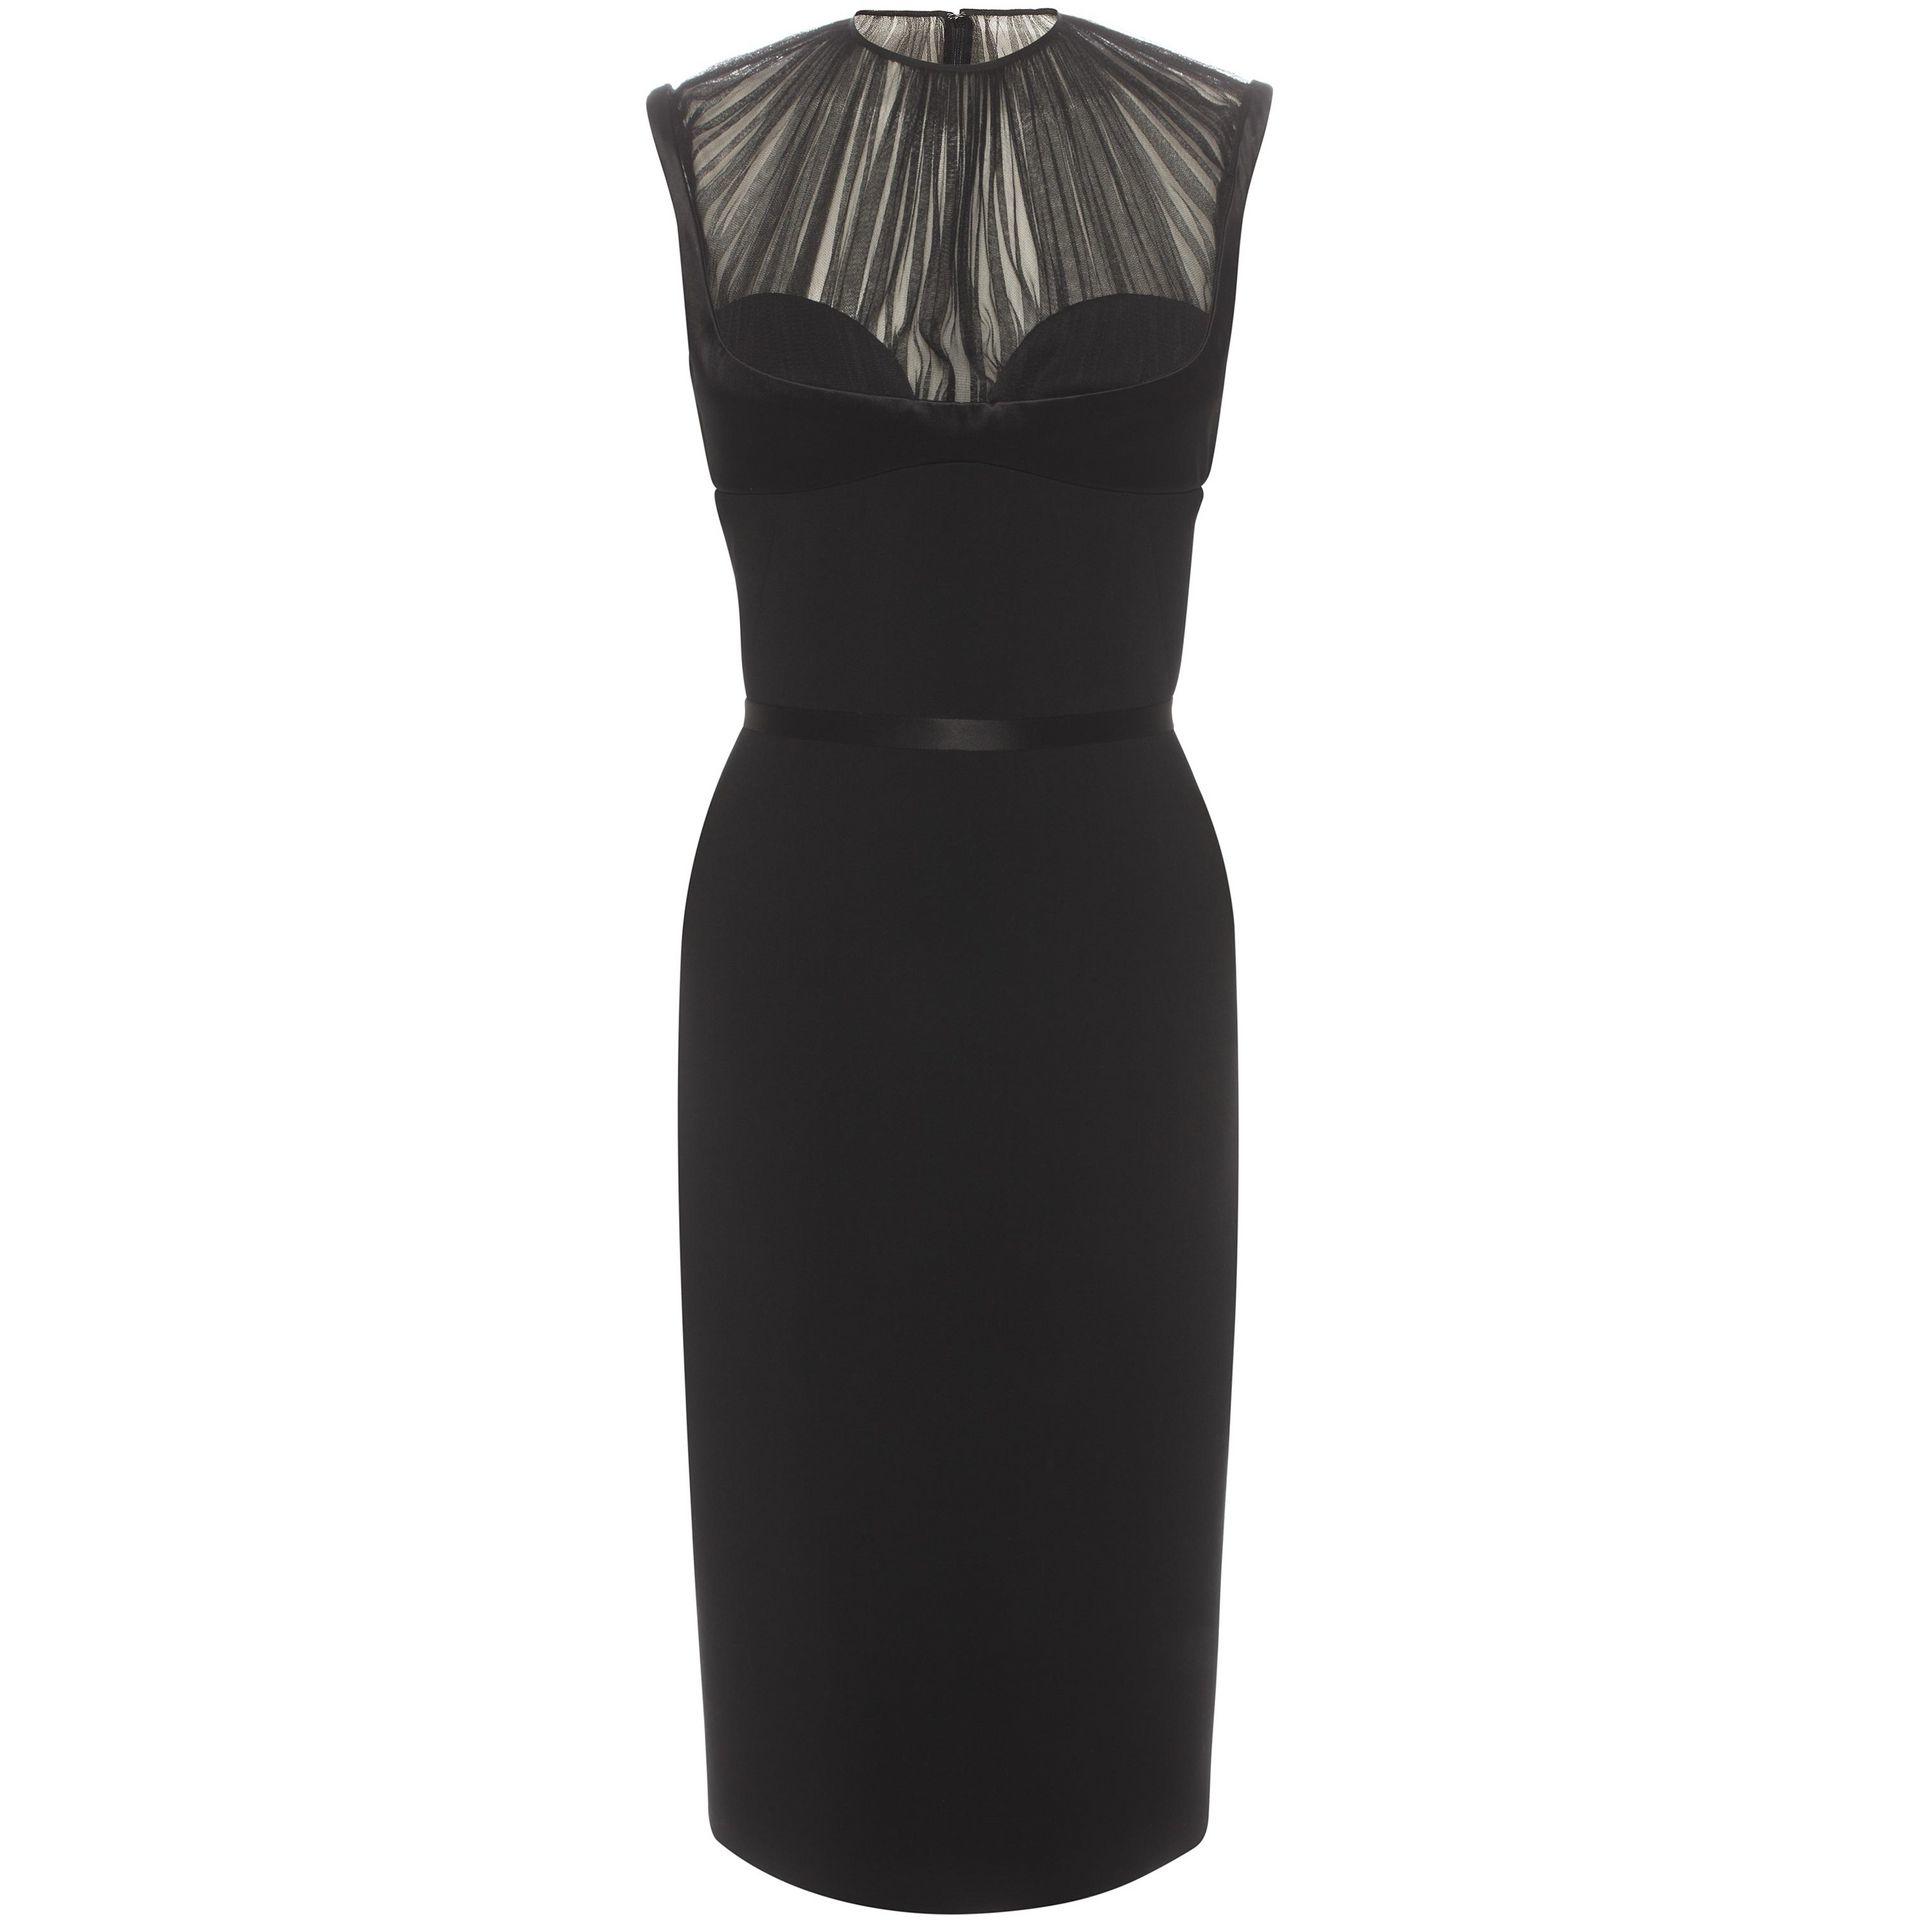 9621dee44fc Alexander McQueen Harness Pencil Dress in Black - Lyst